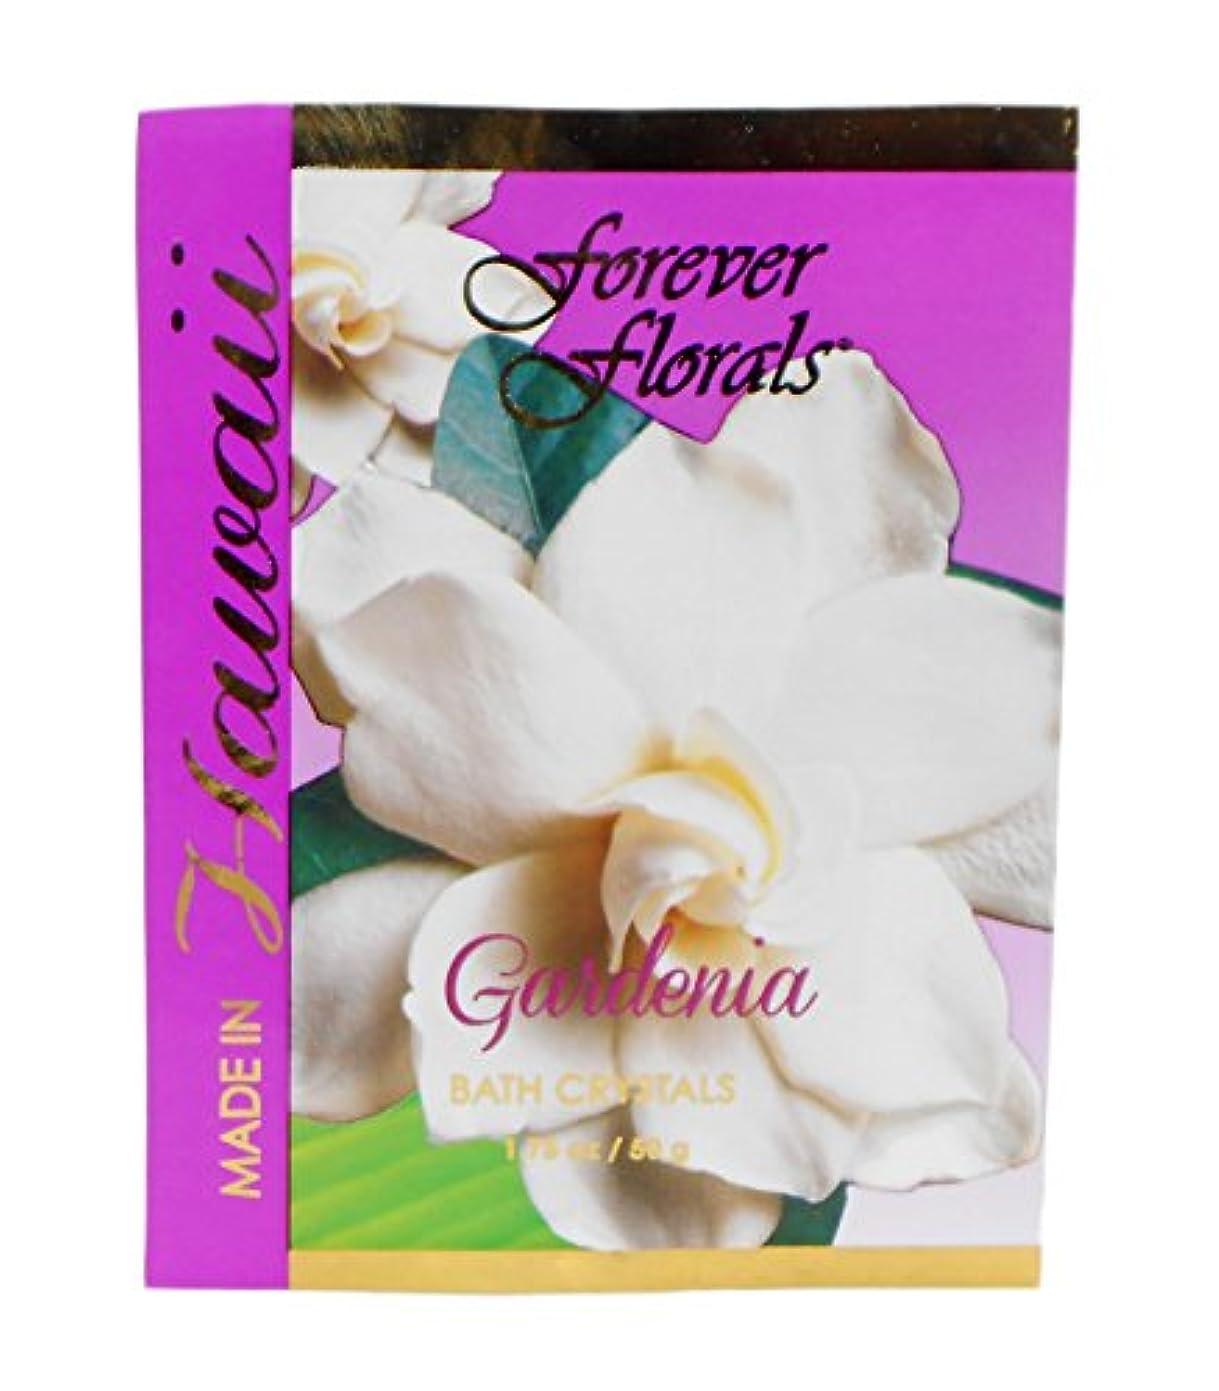 平手打ち五十新しい意味ハワイ お土産 Forever Florals Hawaii Bath Crystals バスソルト 50g ハワイアン雑貨 ハワイ雑貨 (ガーデニア)